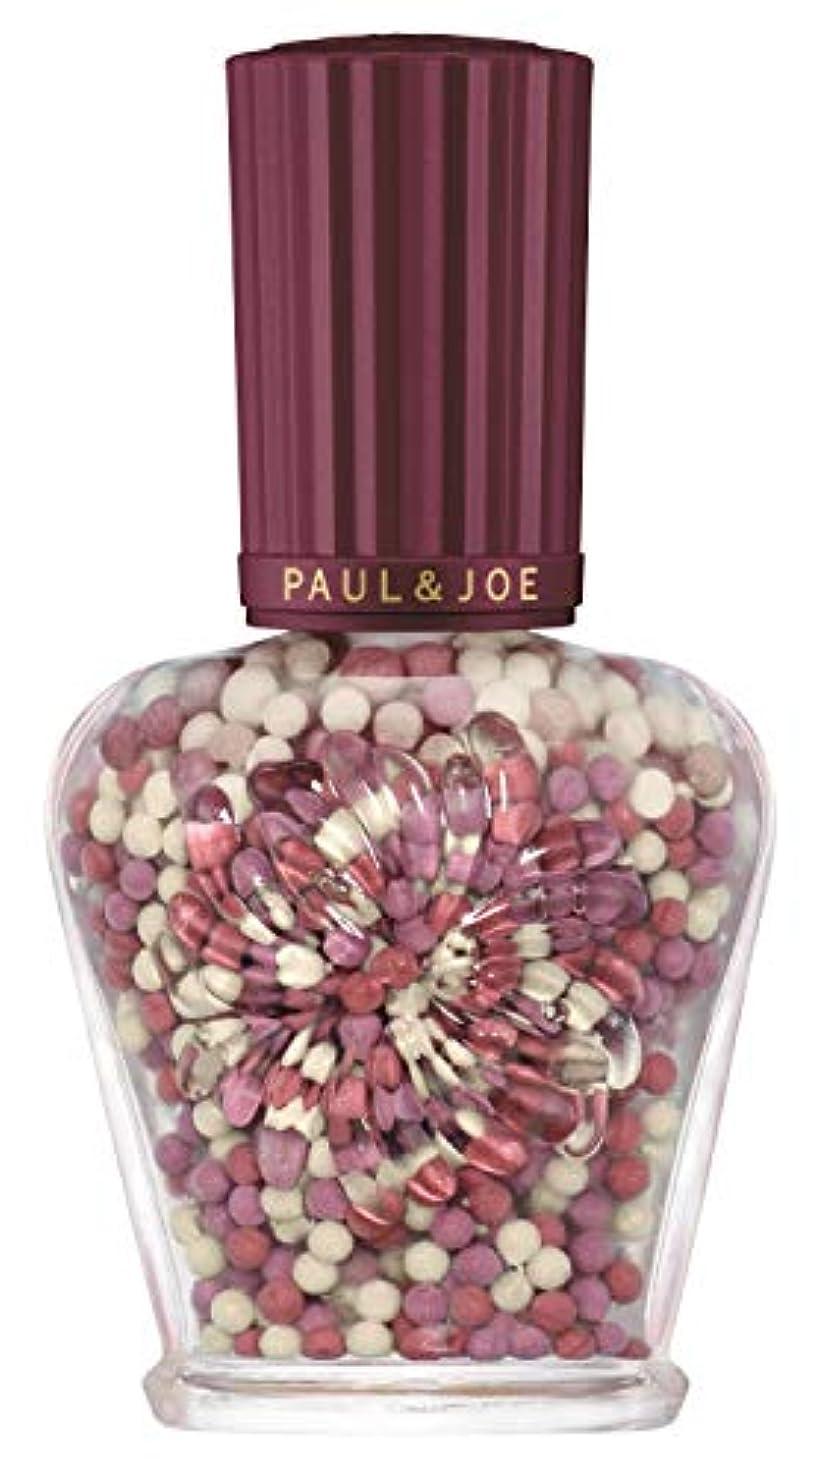 床を掃除する試してみる変更paul & joe ポール&ジョー パール ファンデーション プライマー #003 30ml